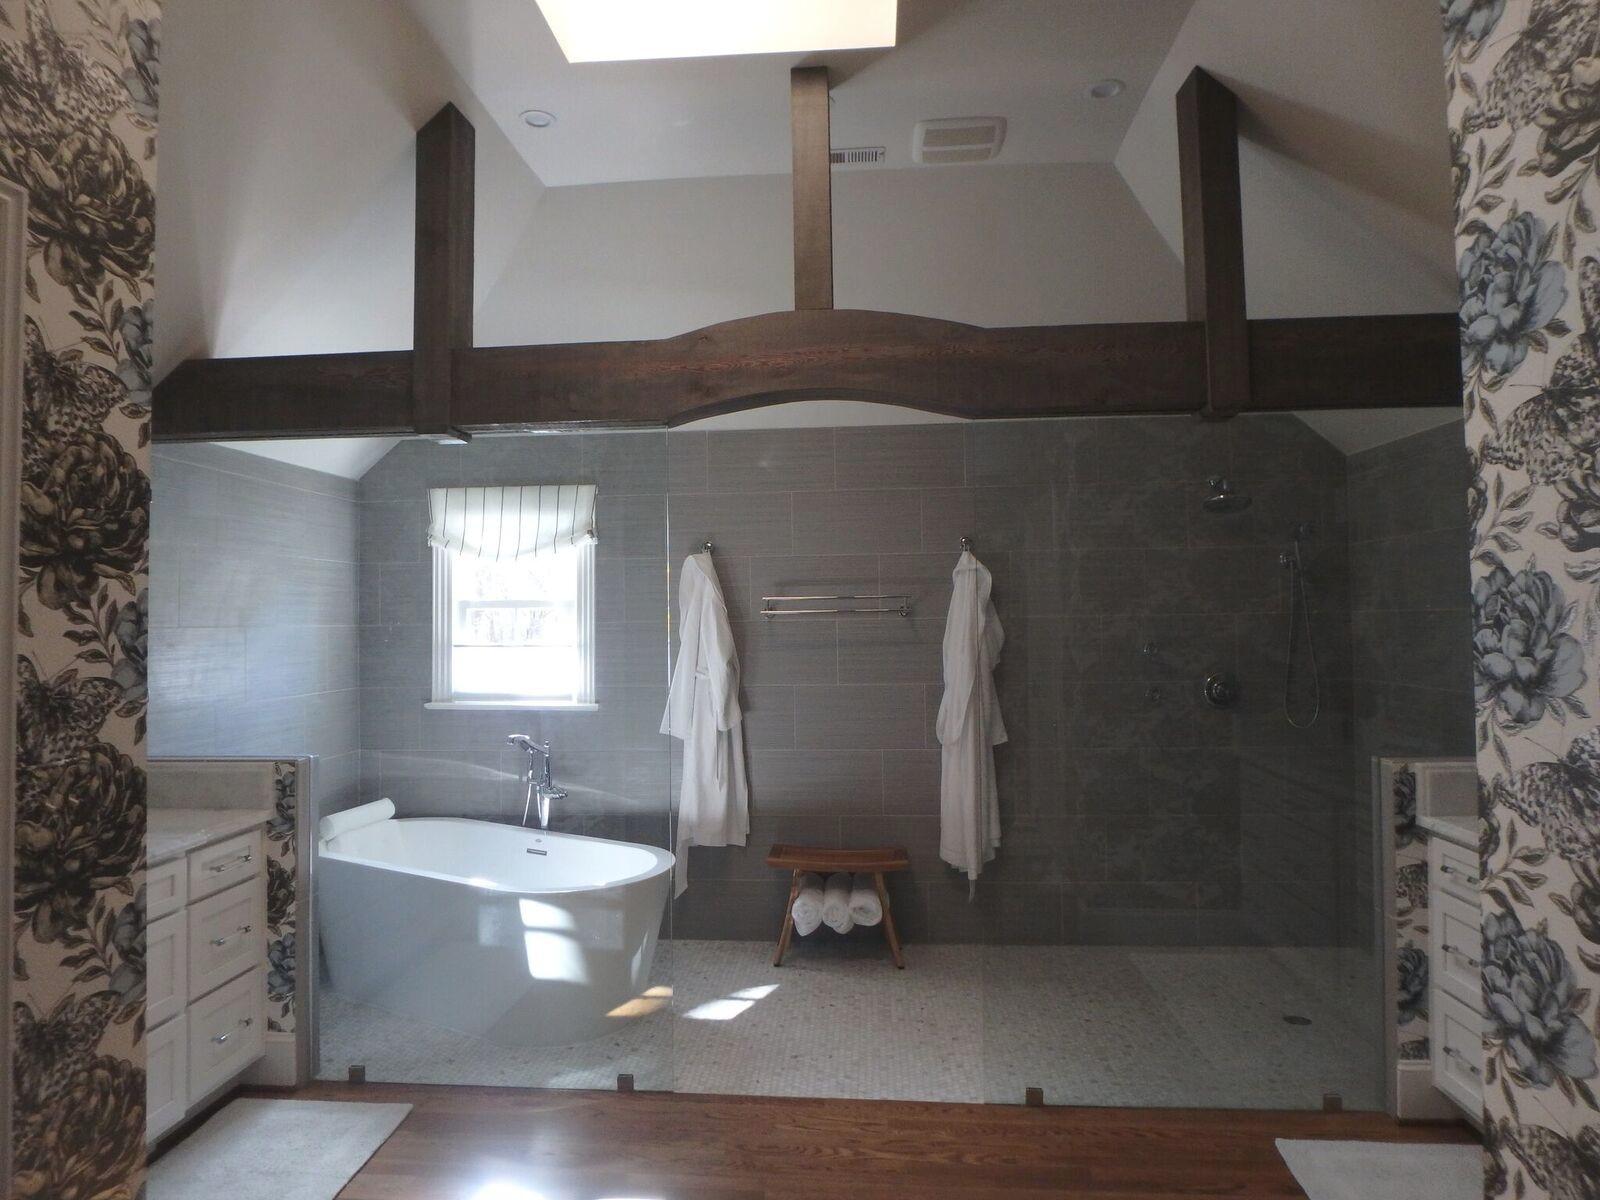 bathroom fullshot.jpg